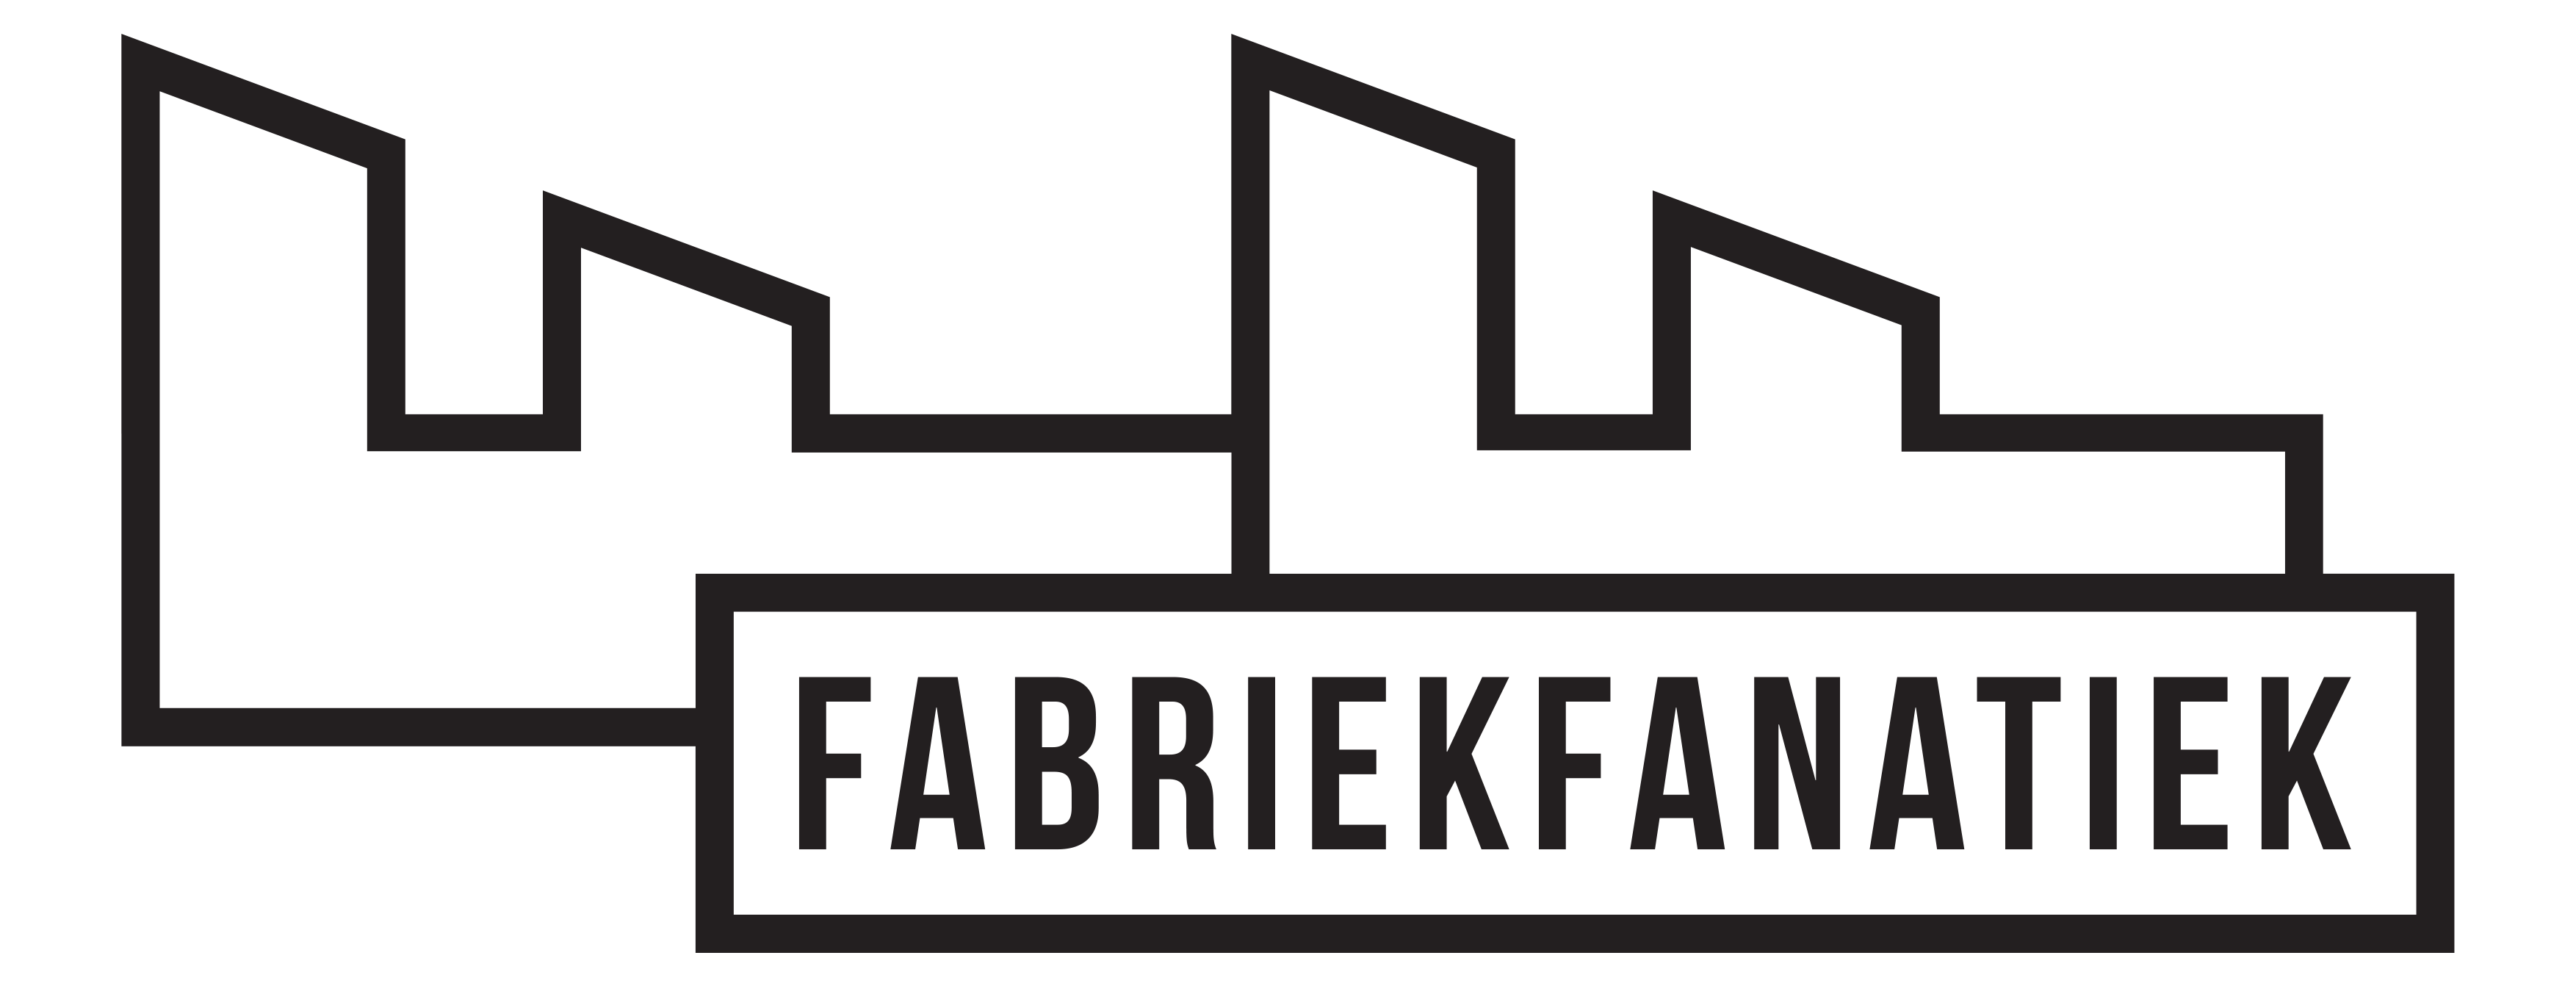 FabriekFanatiek